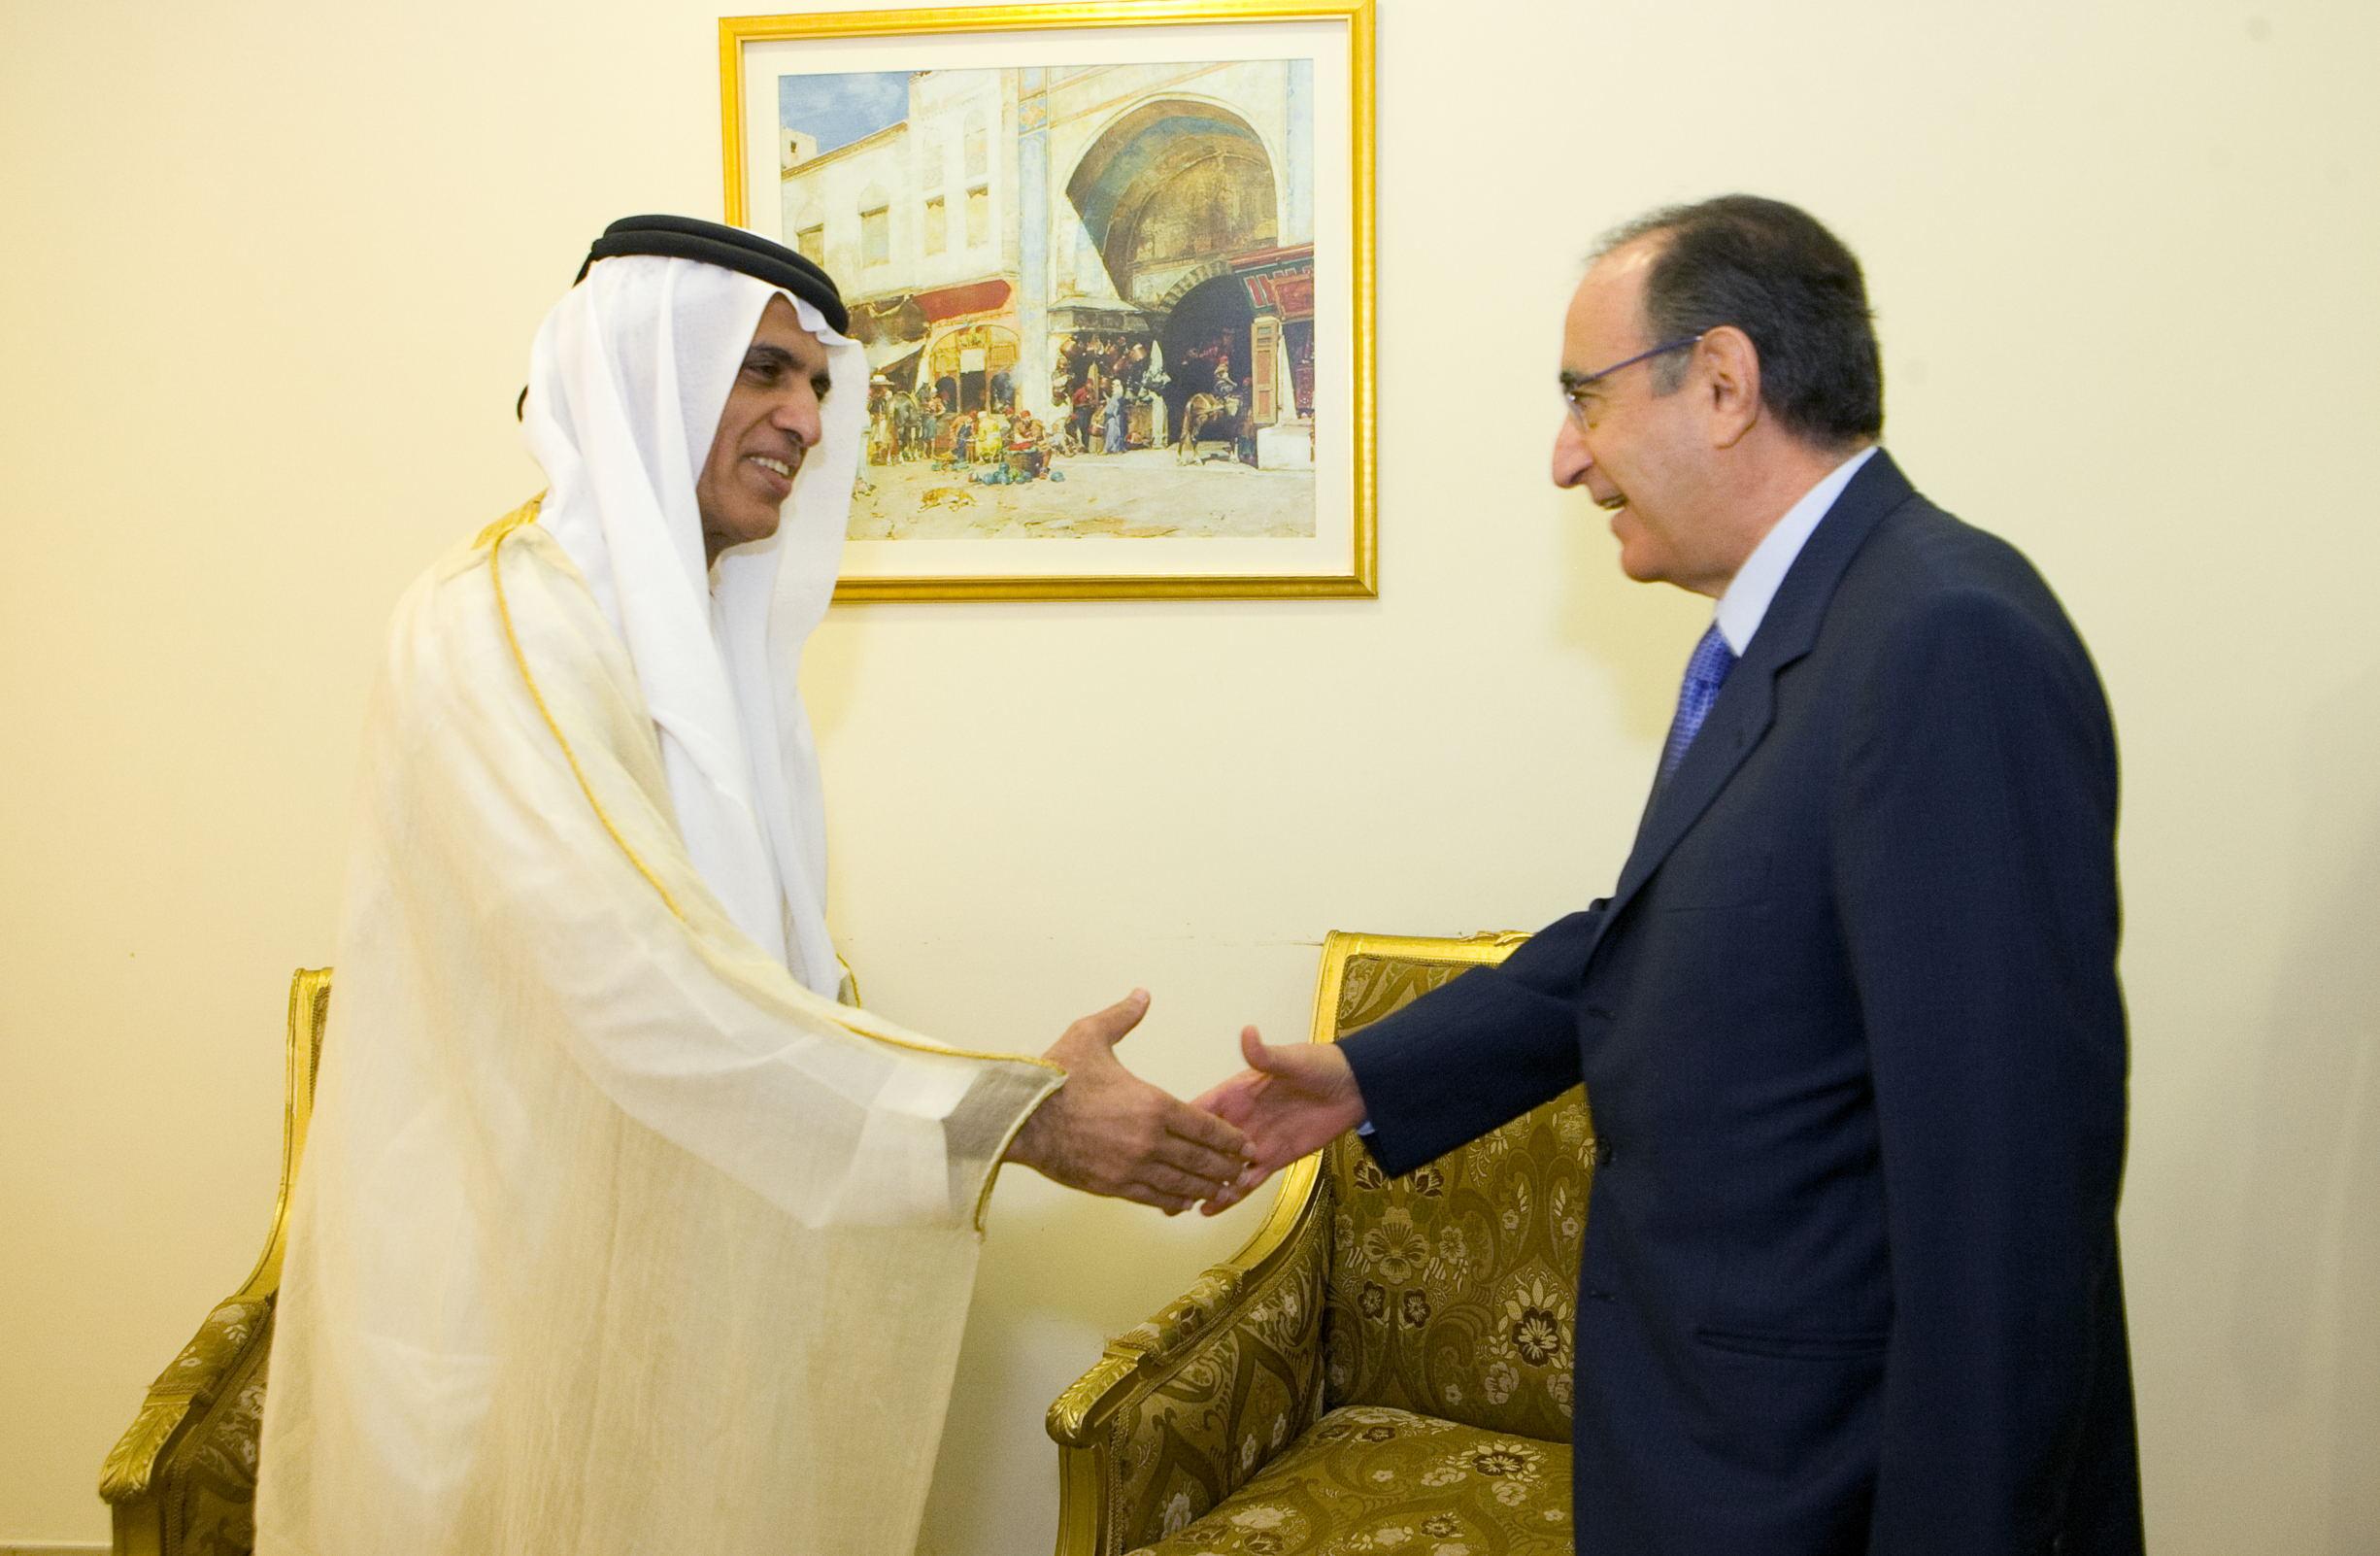 Filesheikh saud meeting nicolas nahas minister of economy trade filesheikh saud meeting nicolas nahas minister of economy trade lebanon m4hsunfo